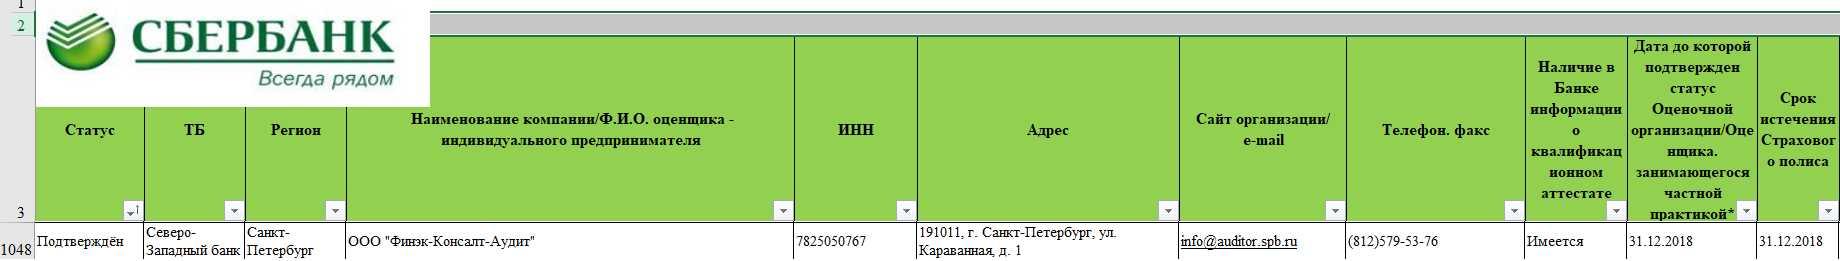 сбербанк официальный сайт в санкт петербурге где можно занять деньги в долг